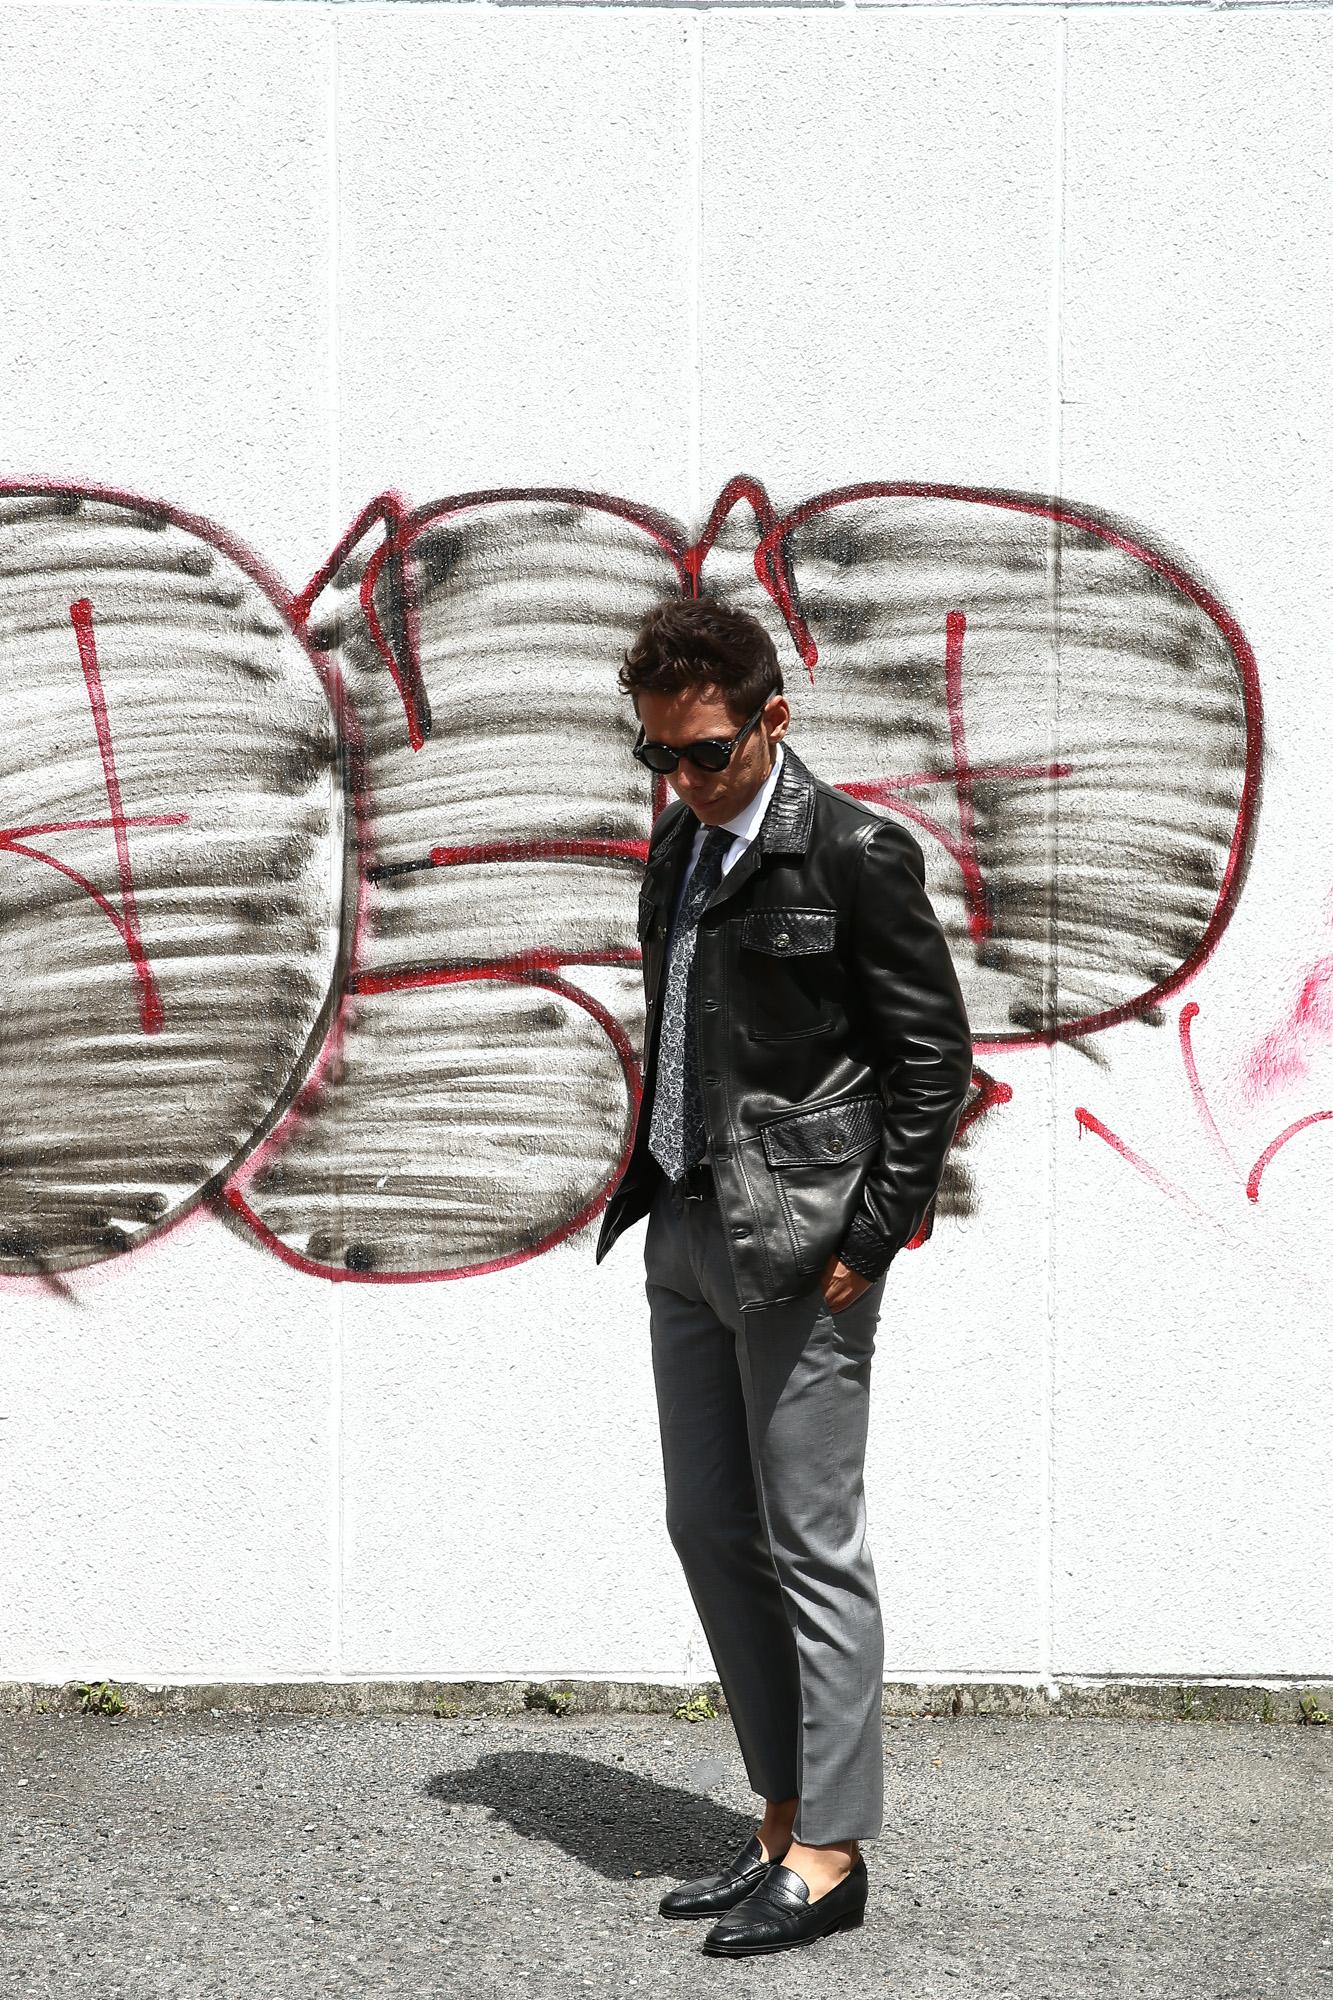 EMMETI (エンメティ) JAXON PITONE (ジャクソン ピトーネ) Lambskin Nappa Leather × Pitone Leather ラムナッパレザー × パイソンレザー ジャケット NERO (ブラック・190/1) Made in italy (イタリア製) 2018 秋冬 【ご予約受け付け中】 emmeti エンメティ レザー エキゾチックレザー パイソン ブラックパイソン 愛知 名古屋 ZODIAC ゾディアック 42,44,46,48,50,52